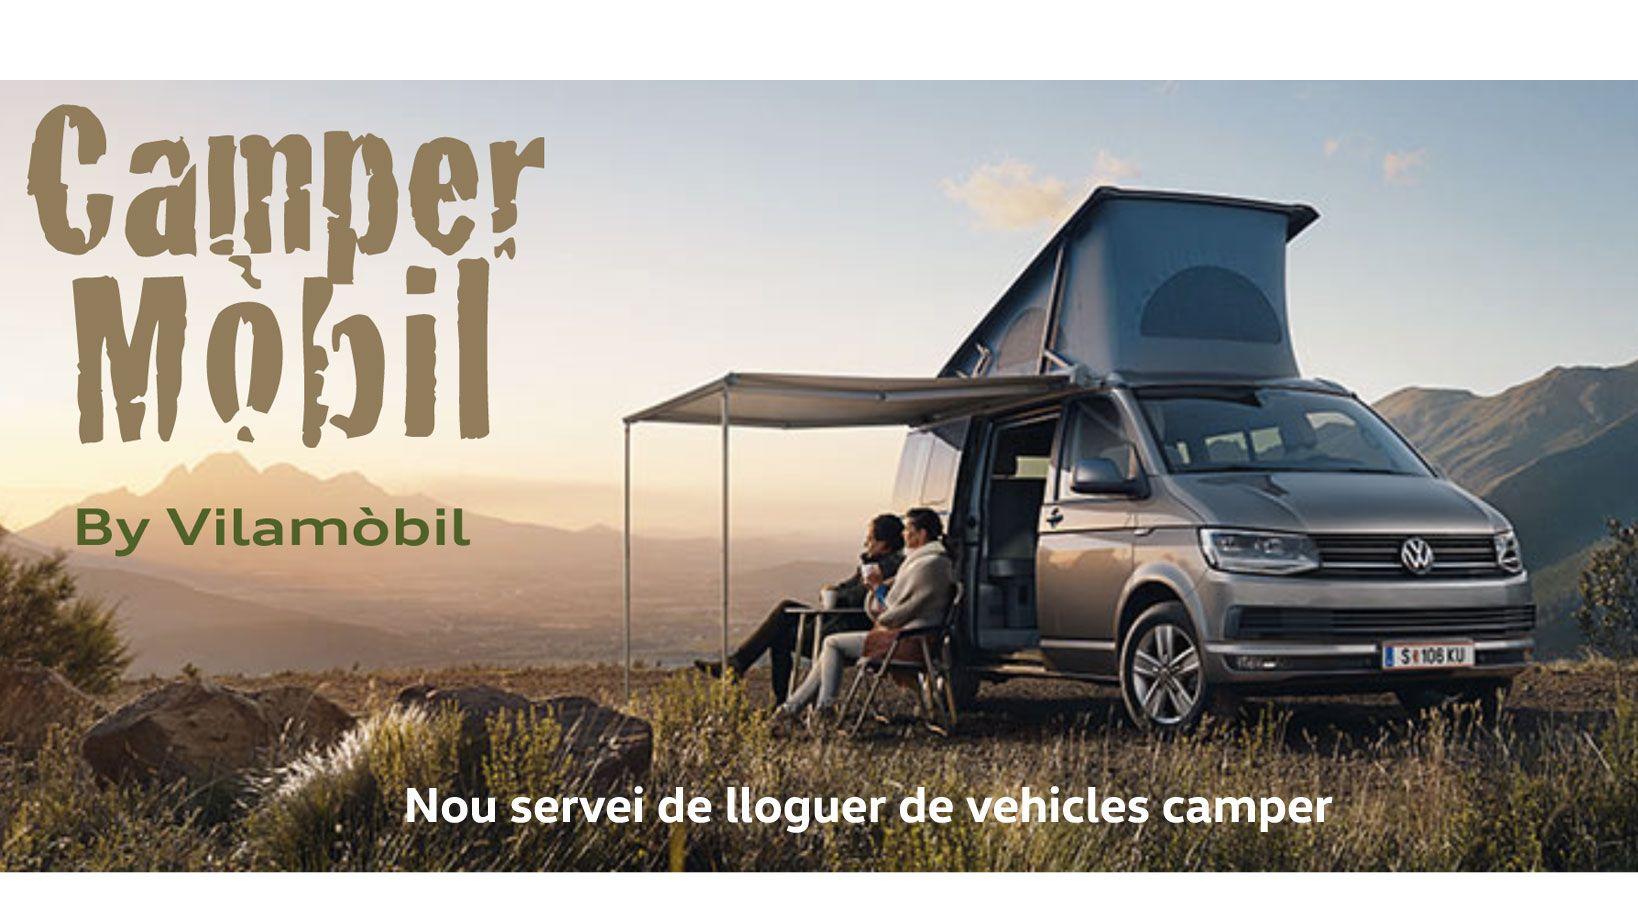 Lloguer de vehicles camper